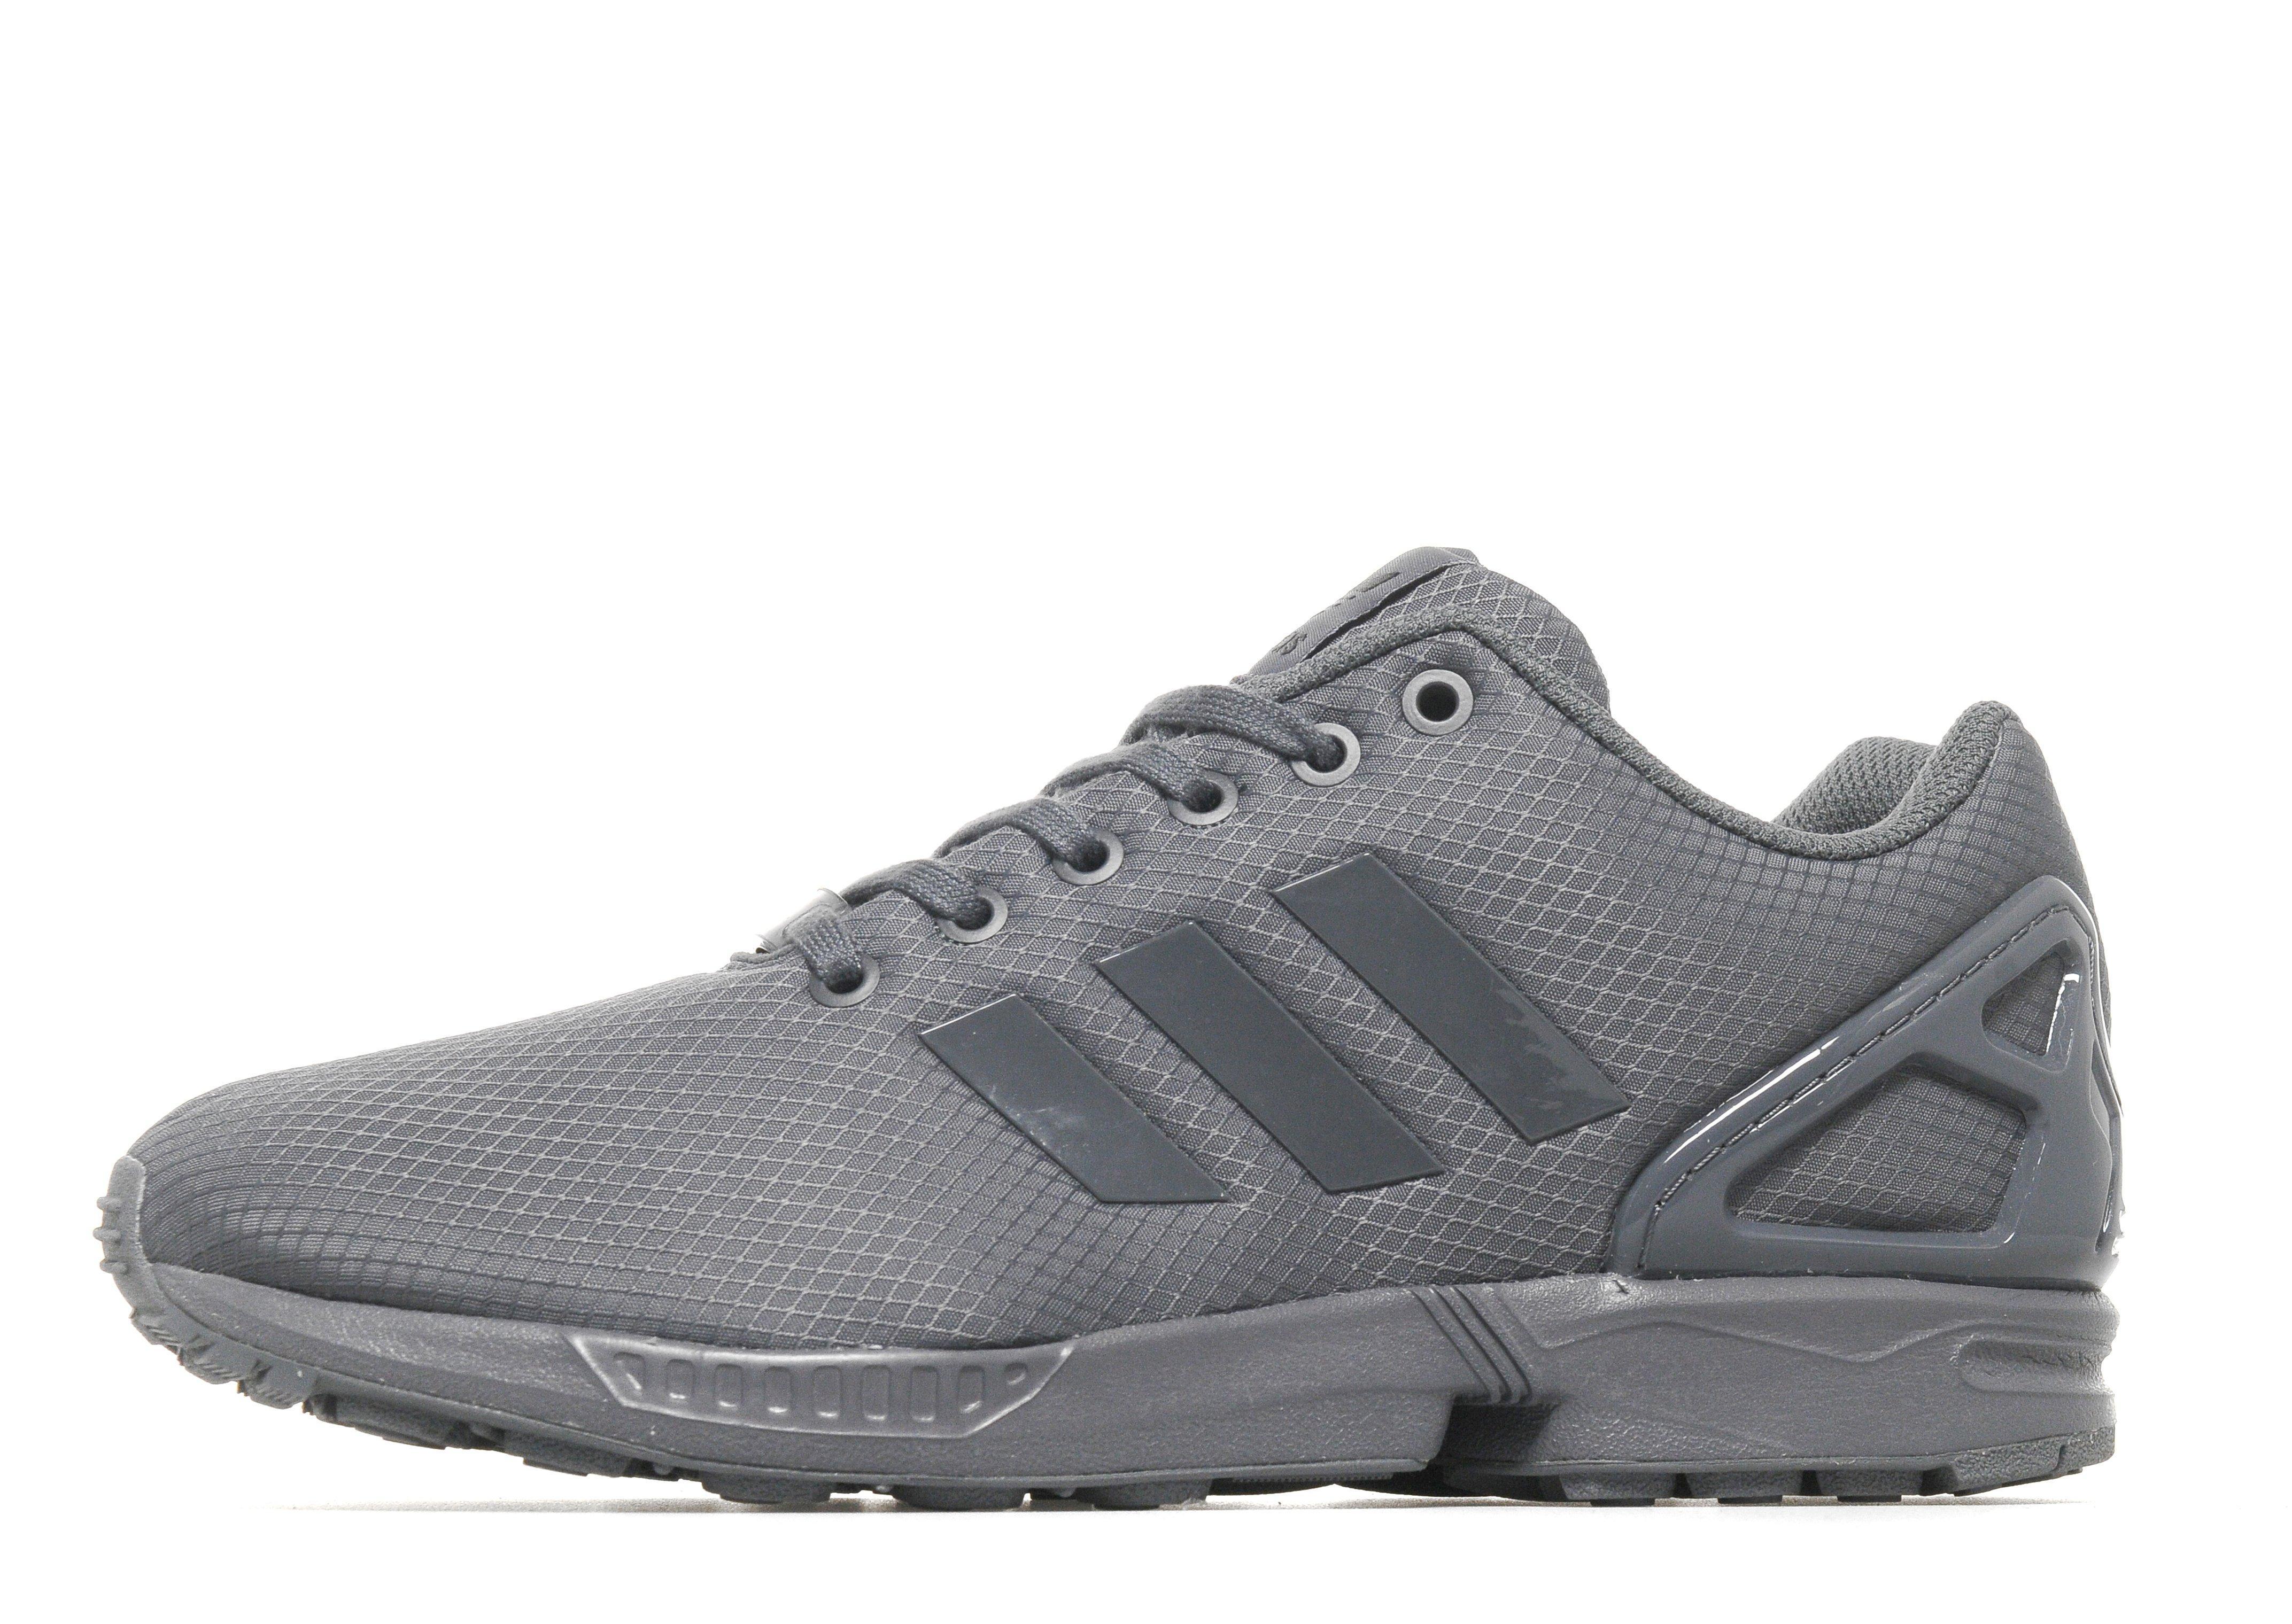 quality design d165d a8b67 ... adidas zx flux jd sport . ...